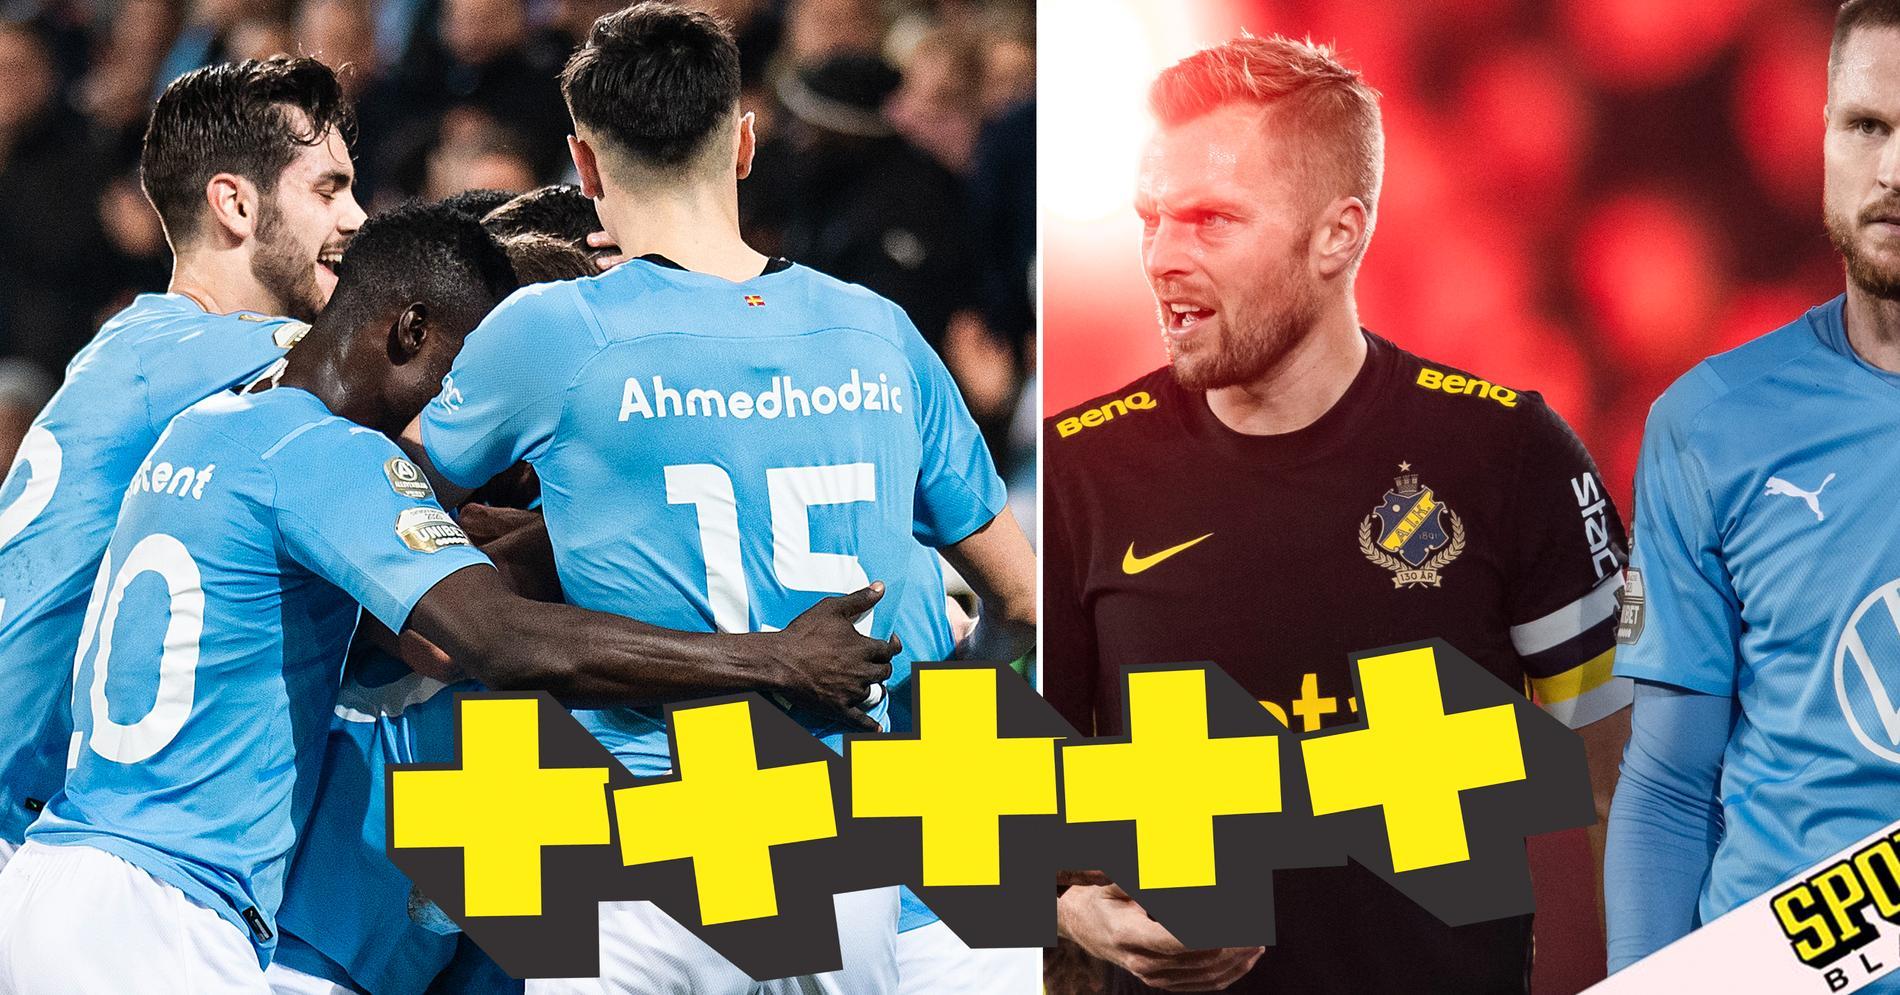 BETYG: De var bäst i stormatchen mellan Malmö och AIK